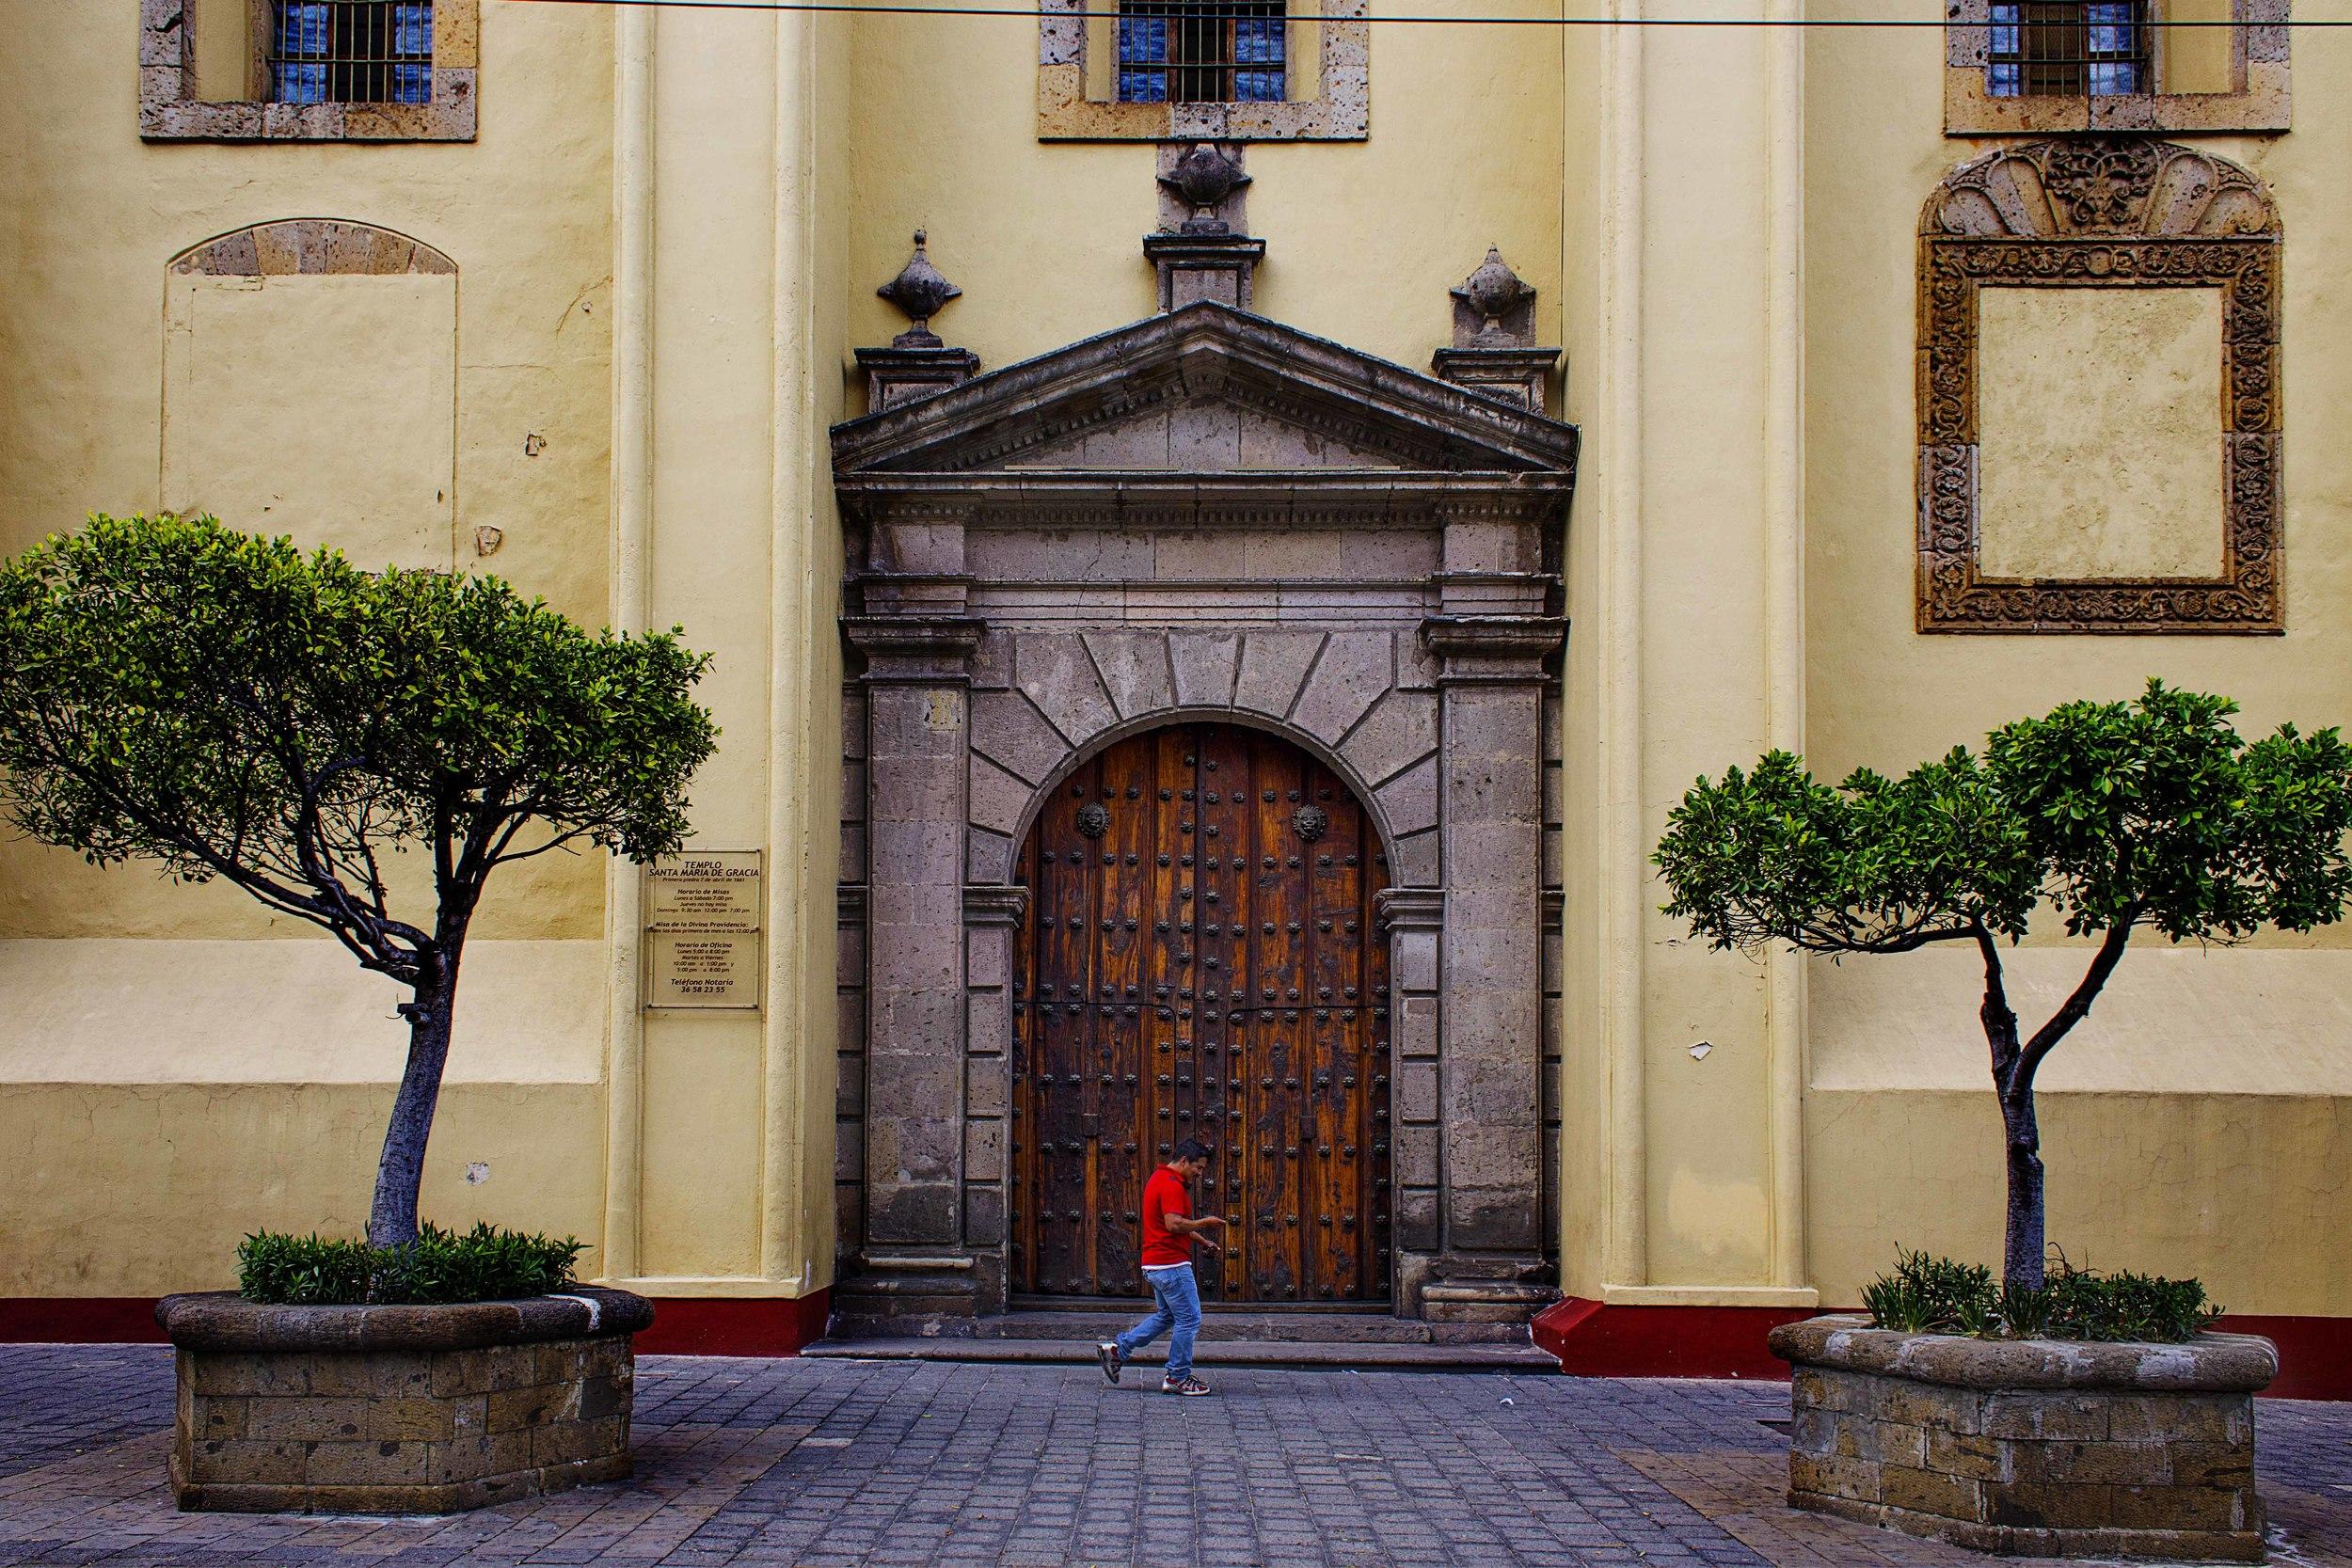 Day 70 - Guadalajara, Jalisco, Mexico   Man texting while walking in front of theTemplo de Santa María de Gracia.